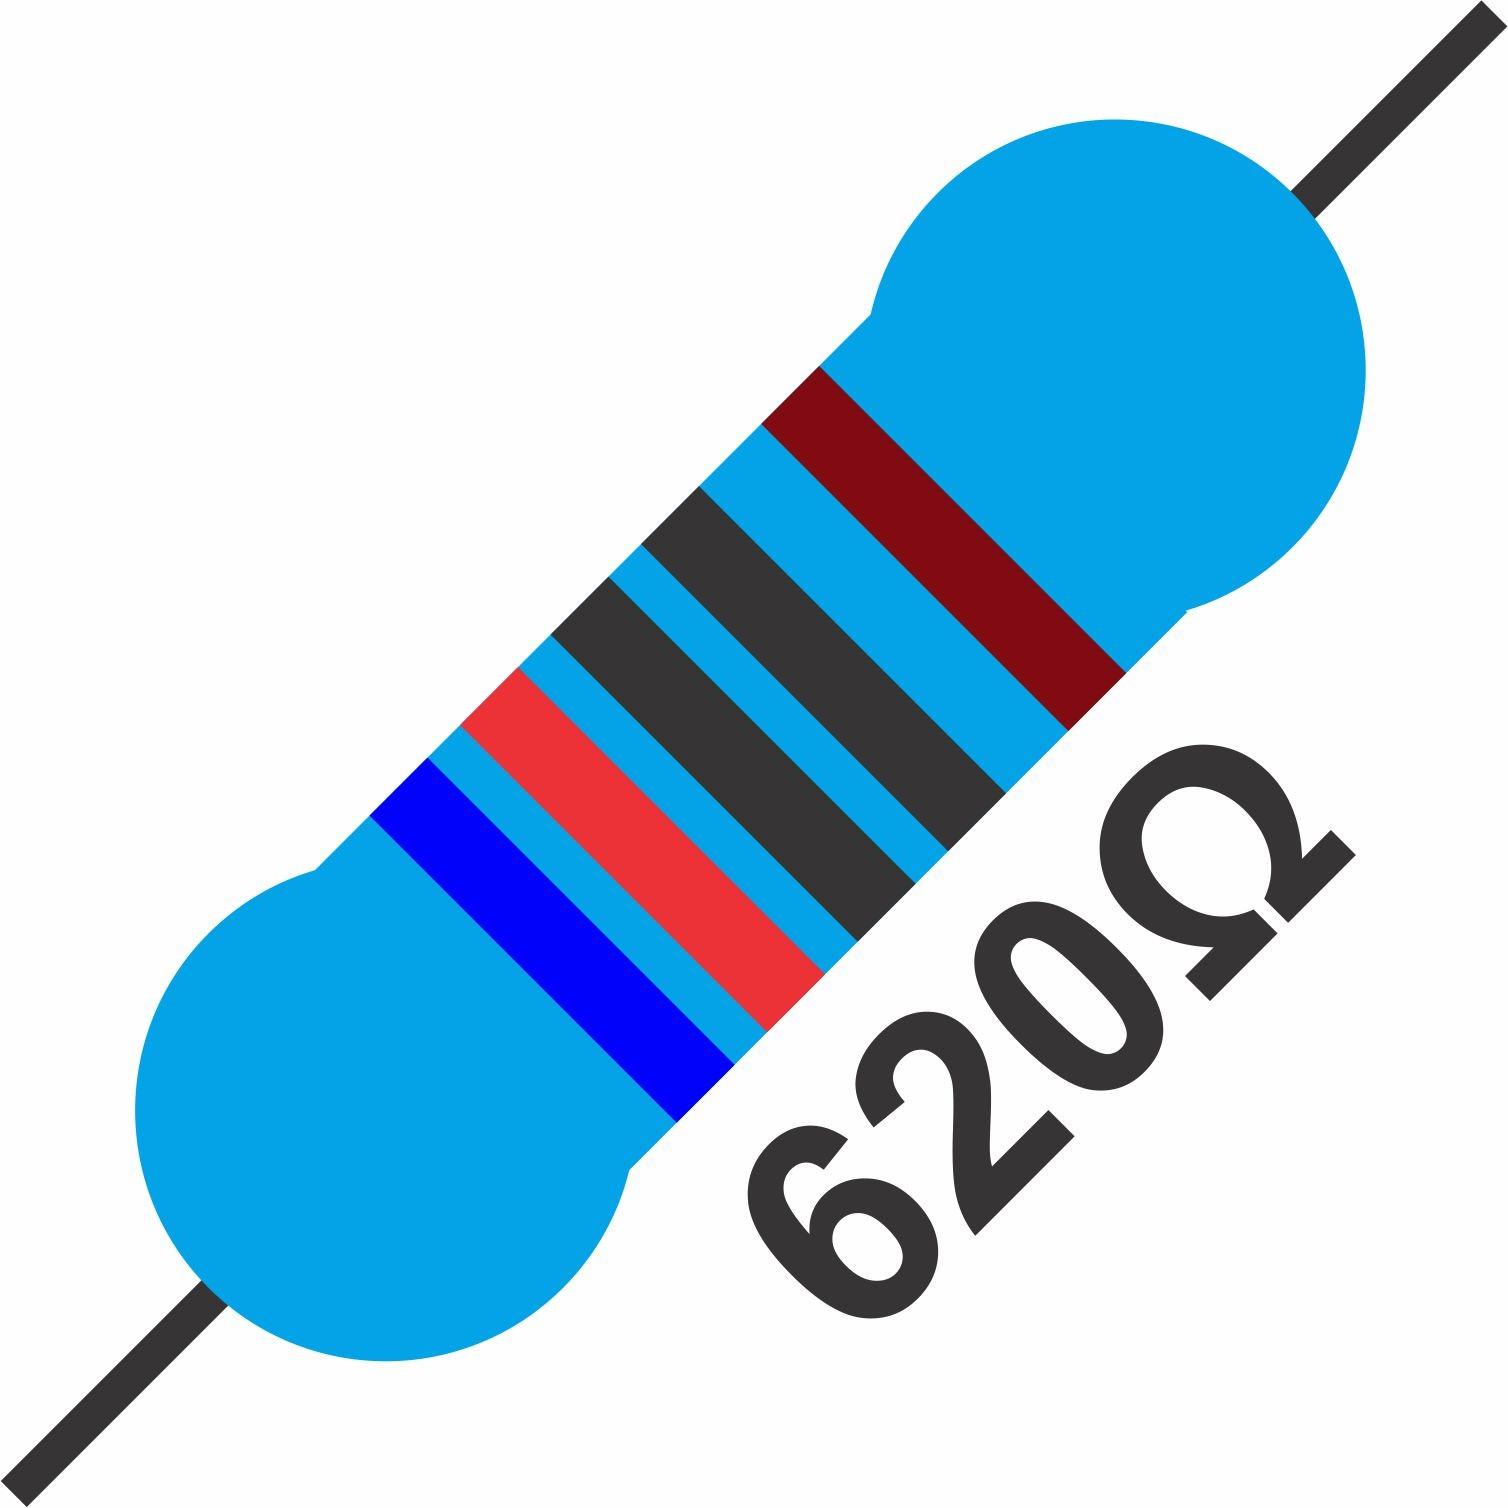 20x Resistor 620 Ohms 1/4 W